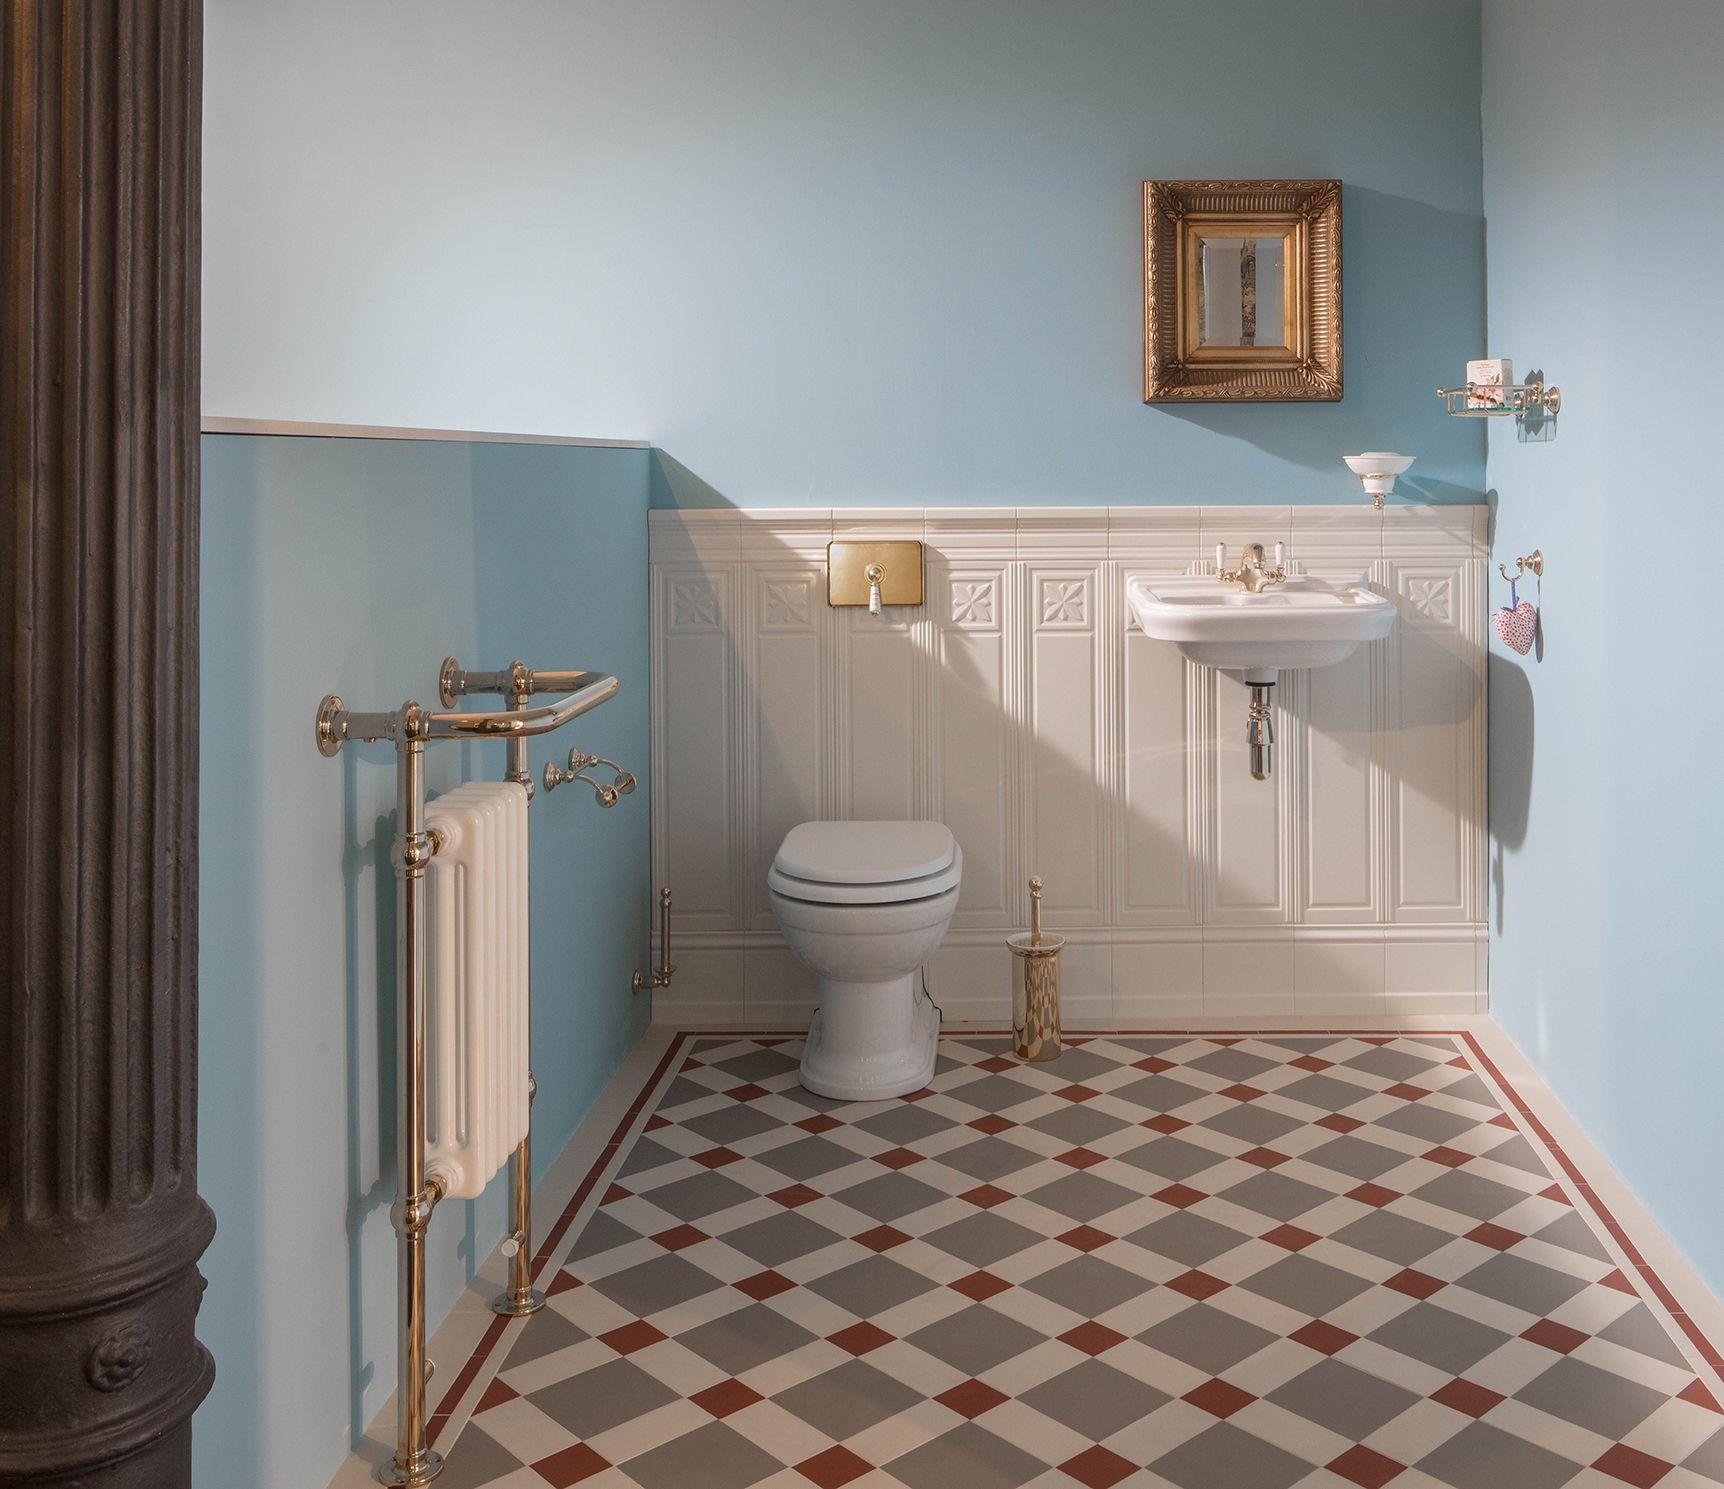 Hochwertigste Keramik Stilvolle Armaturen Und Ein Gelungenes Farbkonzept Sind Die Zutaten Fur Ein Traditional Bathroom Bathroom Styling Framed Bathroom Mirror